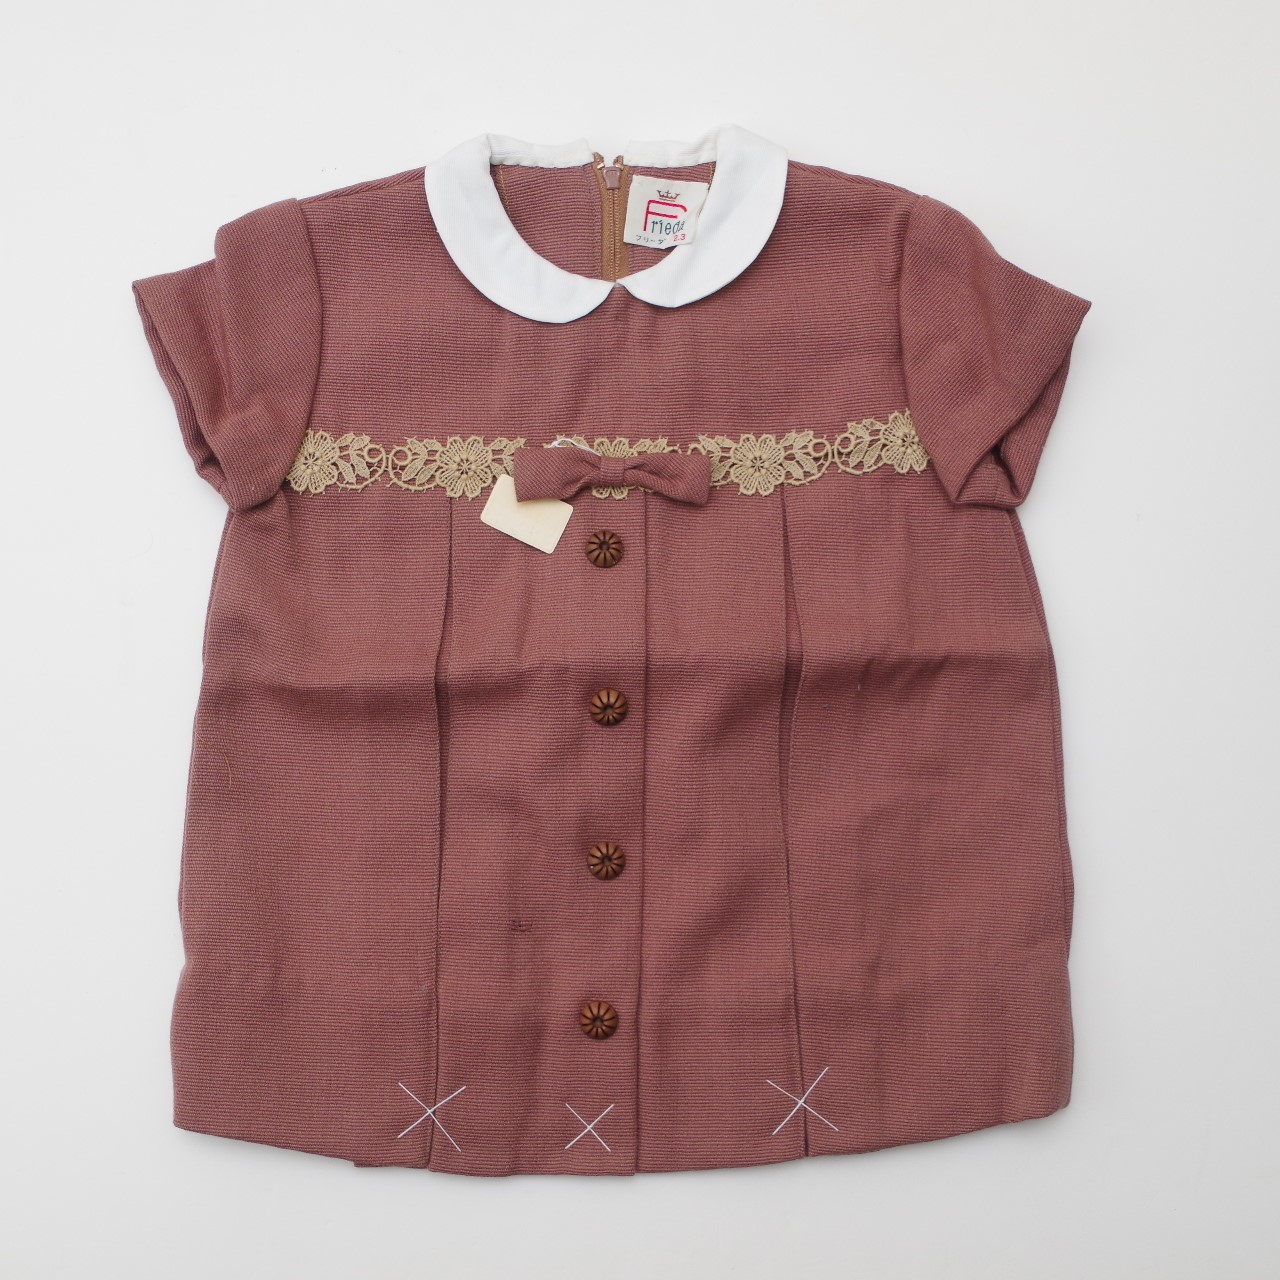 フリーダー の半袖お洋服 5-6才  (1902-2002)